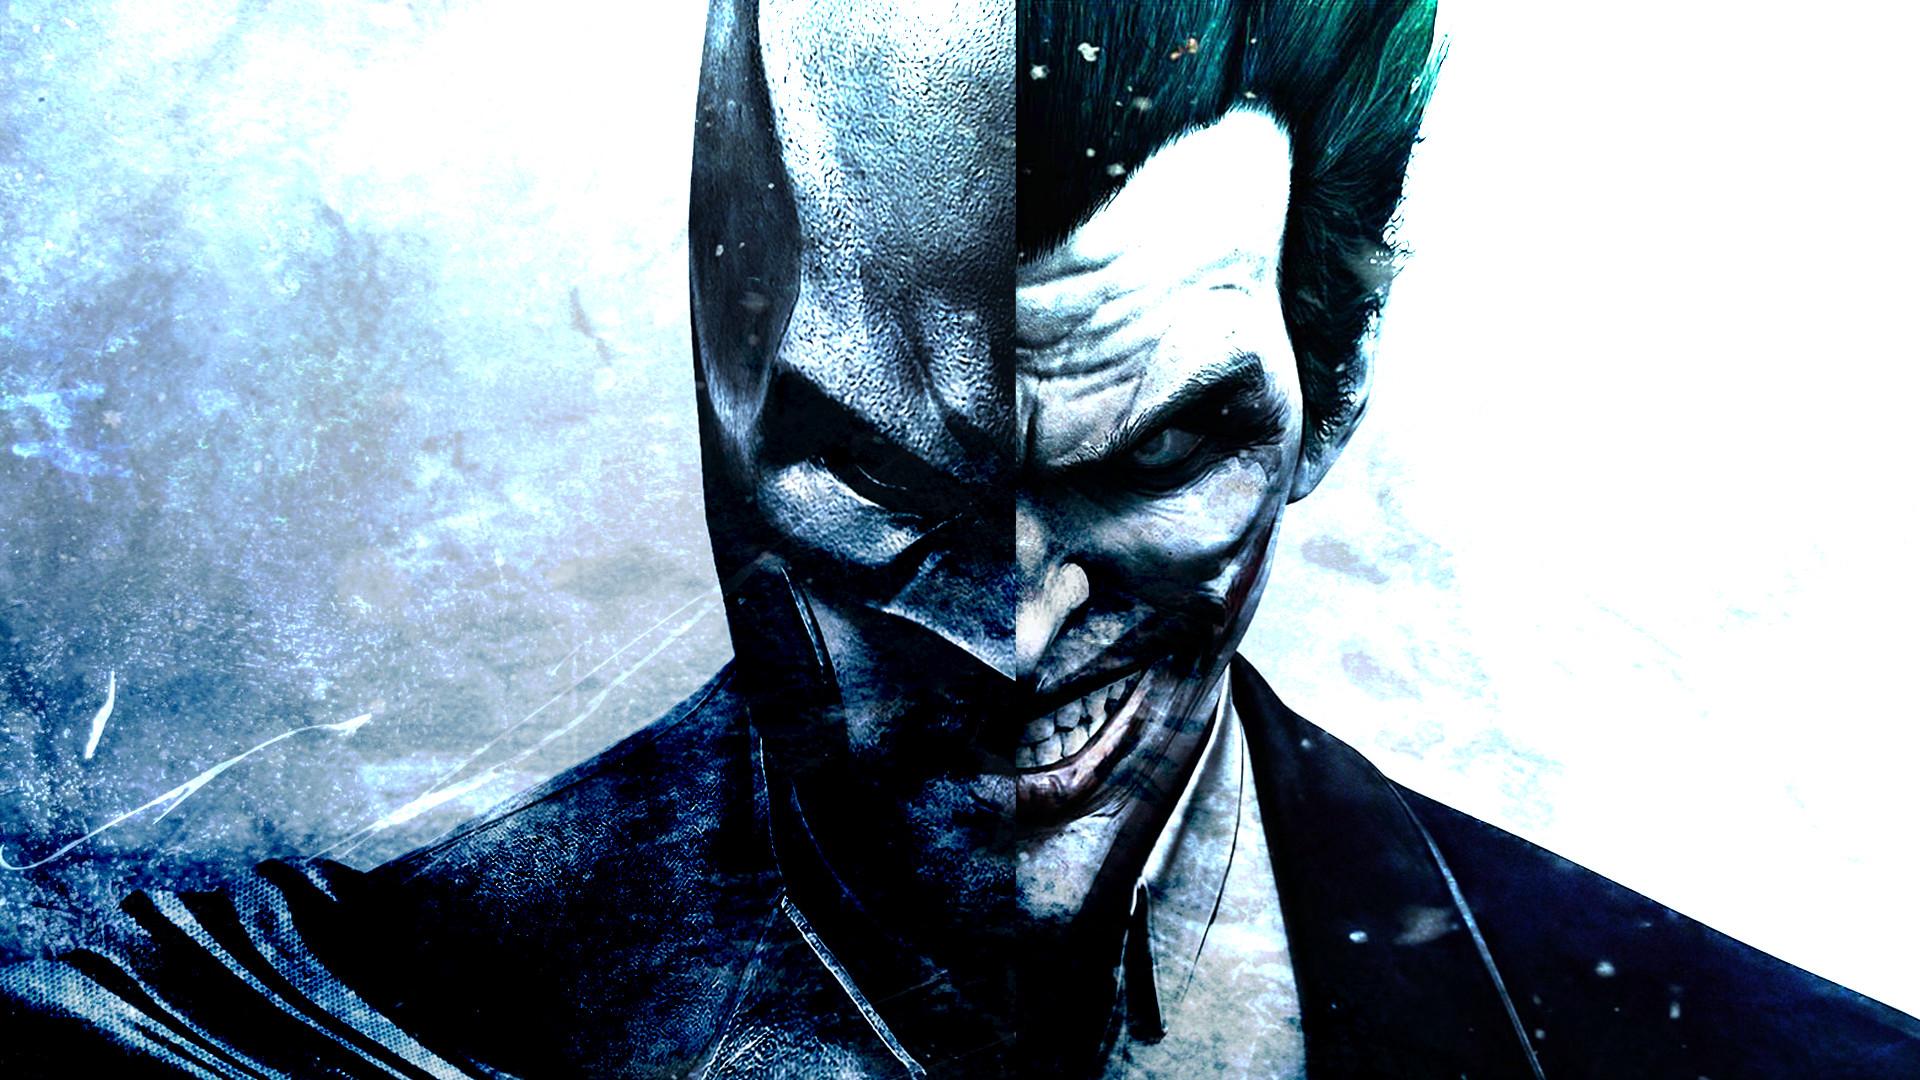 1920x1080 Batman Arkham Knight 14 Wallpaper